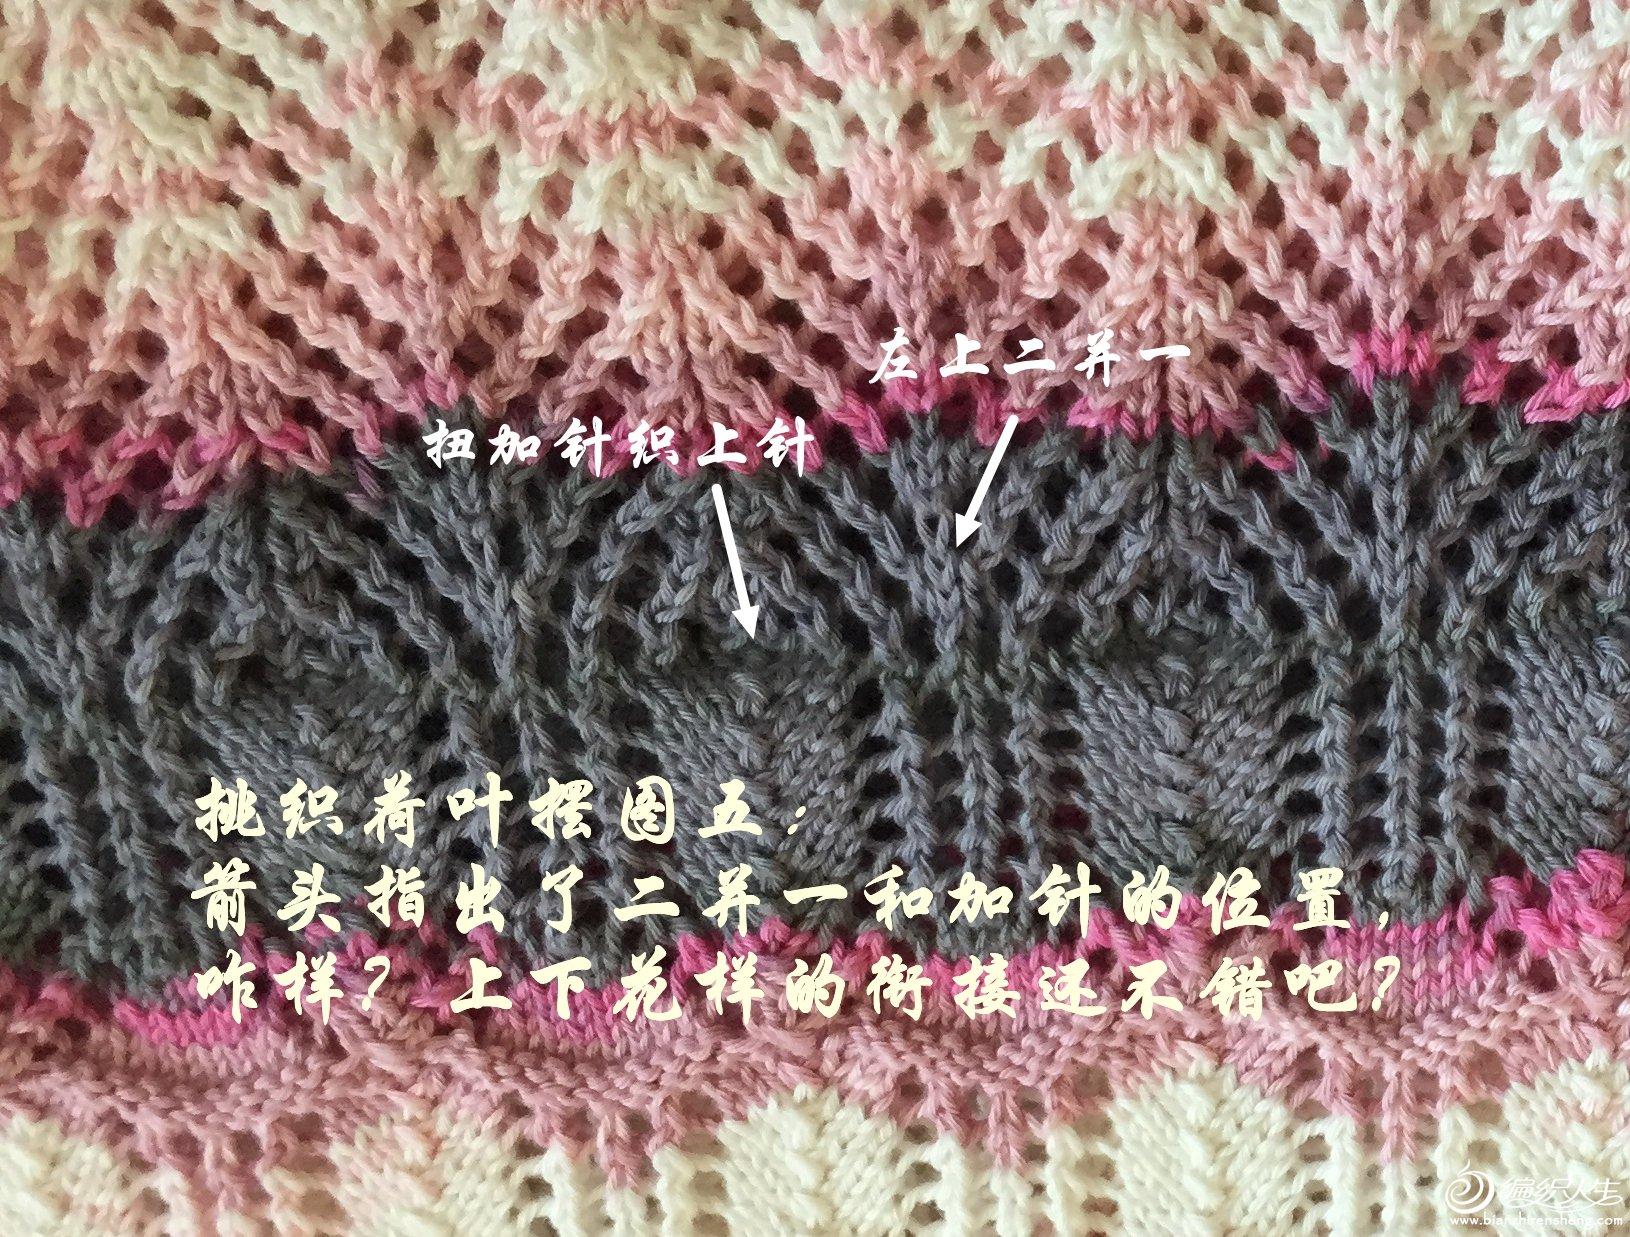 童谣-子夜微凉之六09.JPG